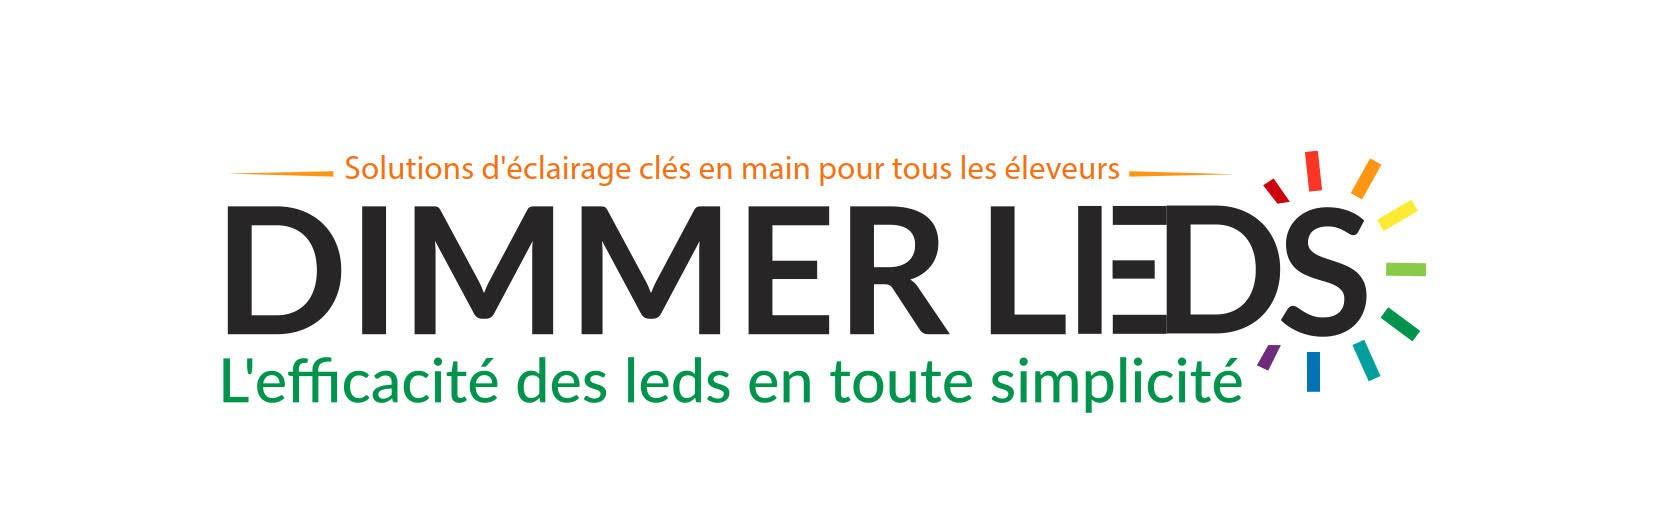 Dimmer-leds